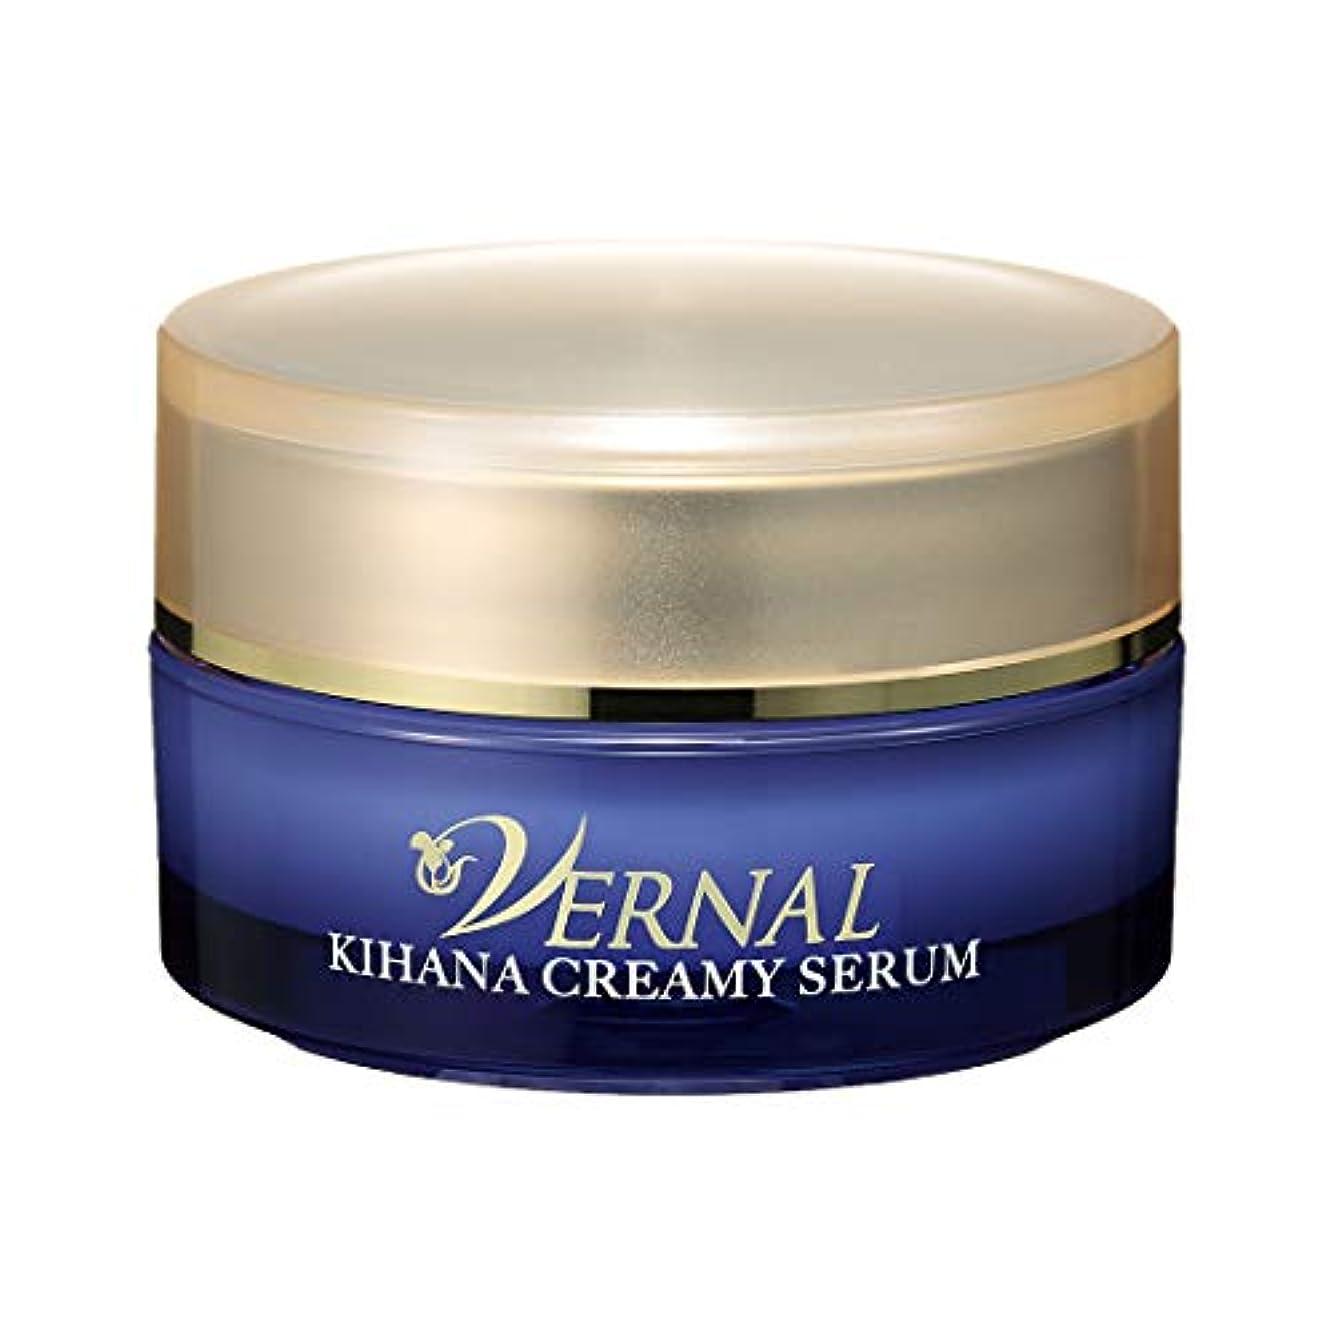 怠なアンソロジーうめきキハナクリーミーセラム 30g/ヴァーナル 美容液 美容クリーム